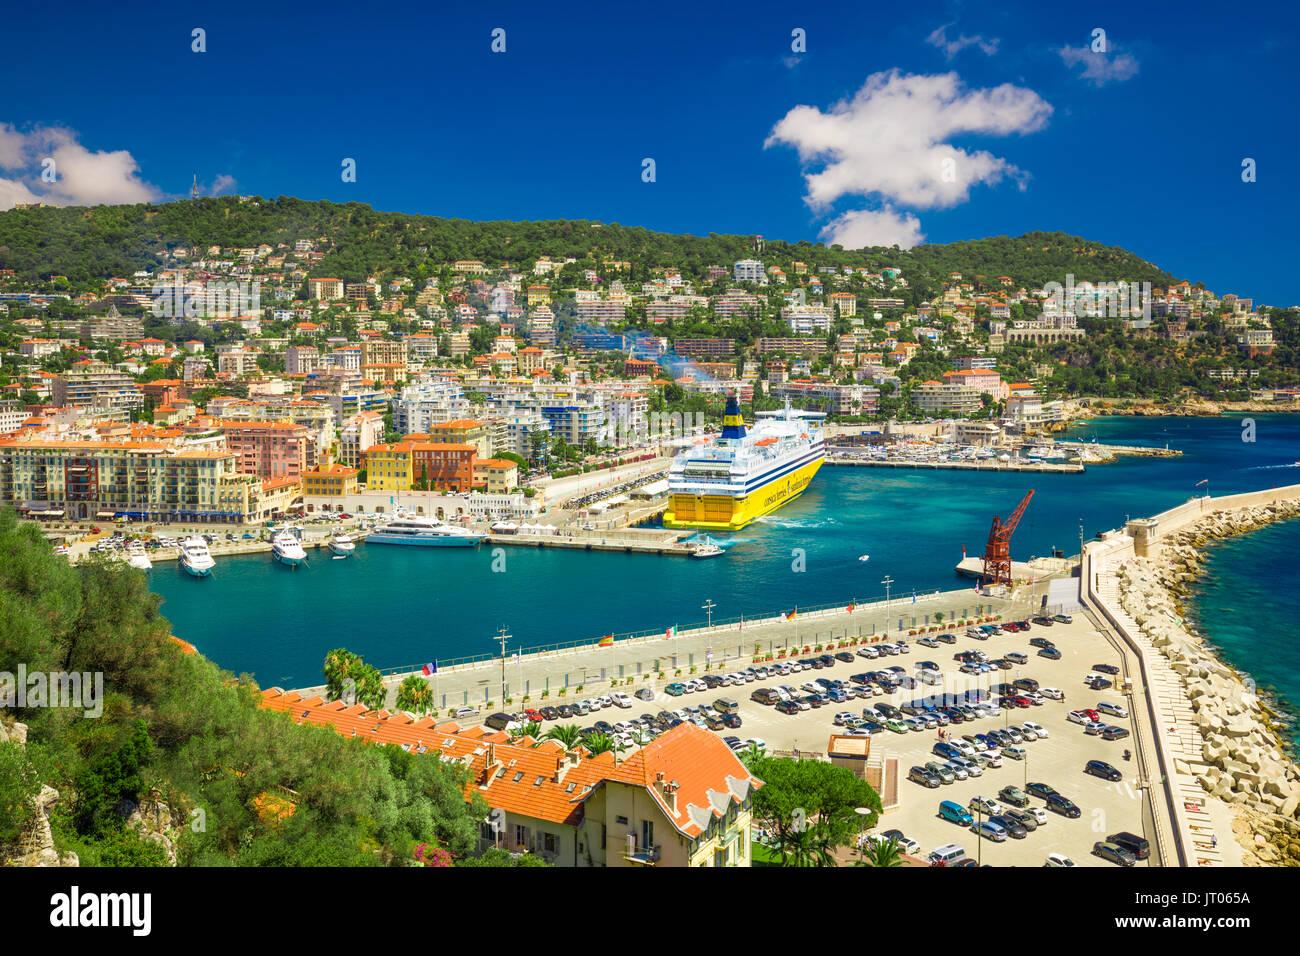 La Corsica in traghetto dal porto di Nizza Costa Azzurra, Francia, Europa. Immagini Stock